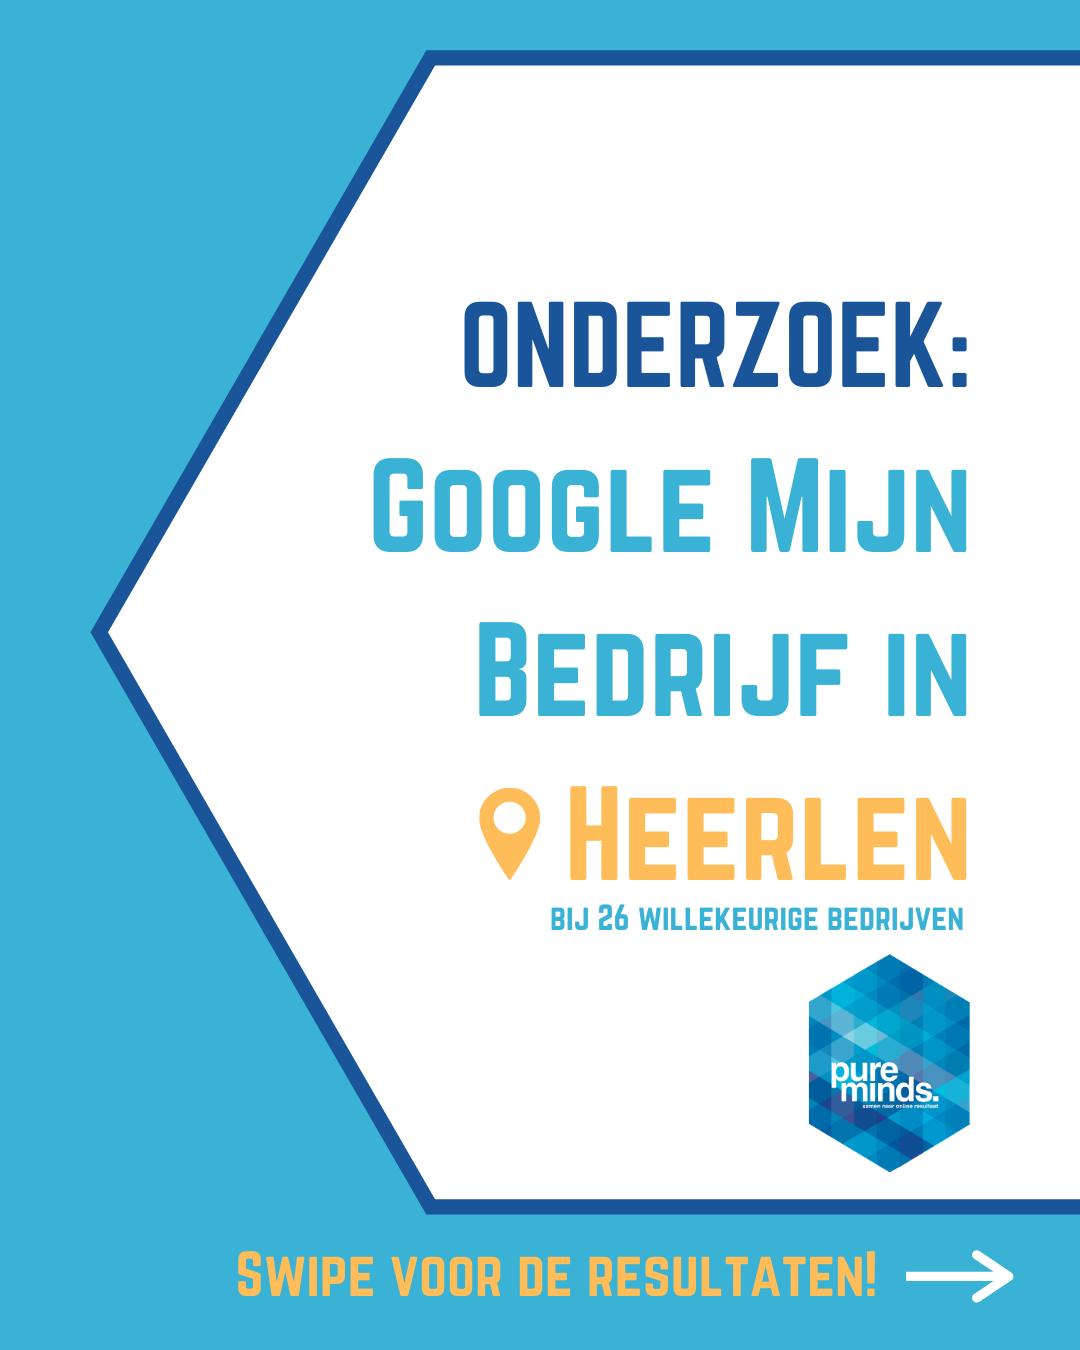 Google Mijn Bedrijf Onderzoek Bedrijven in Heerlen